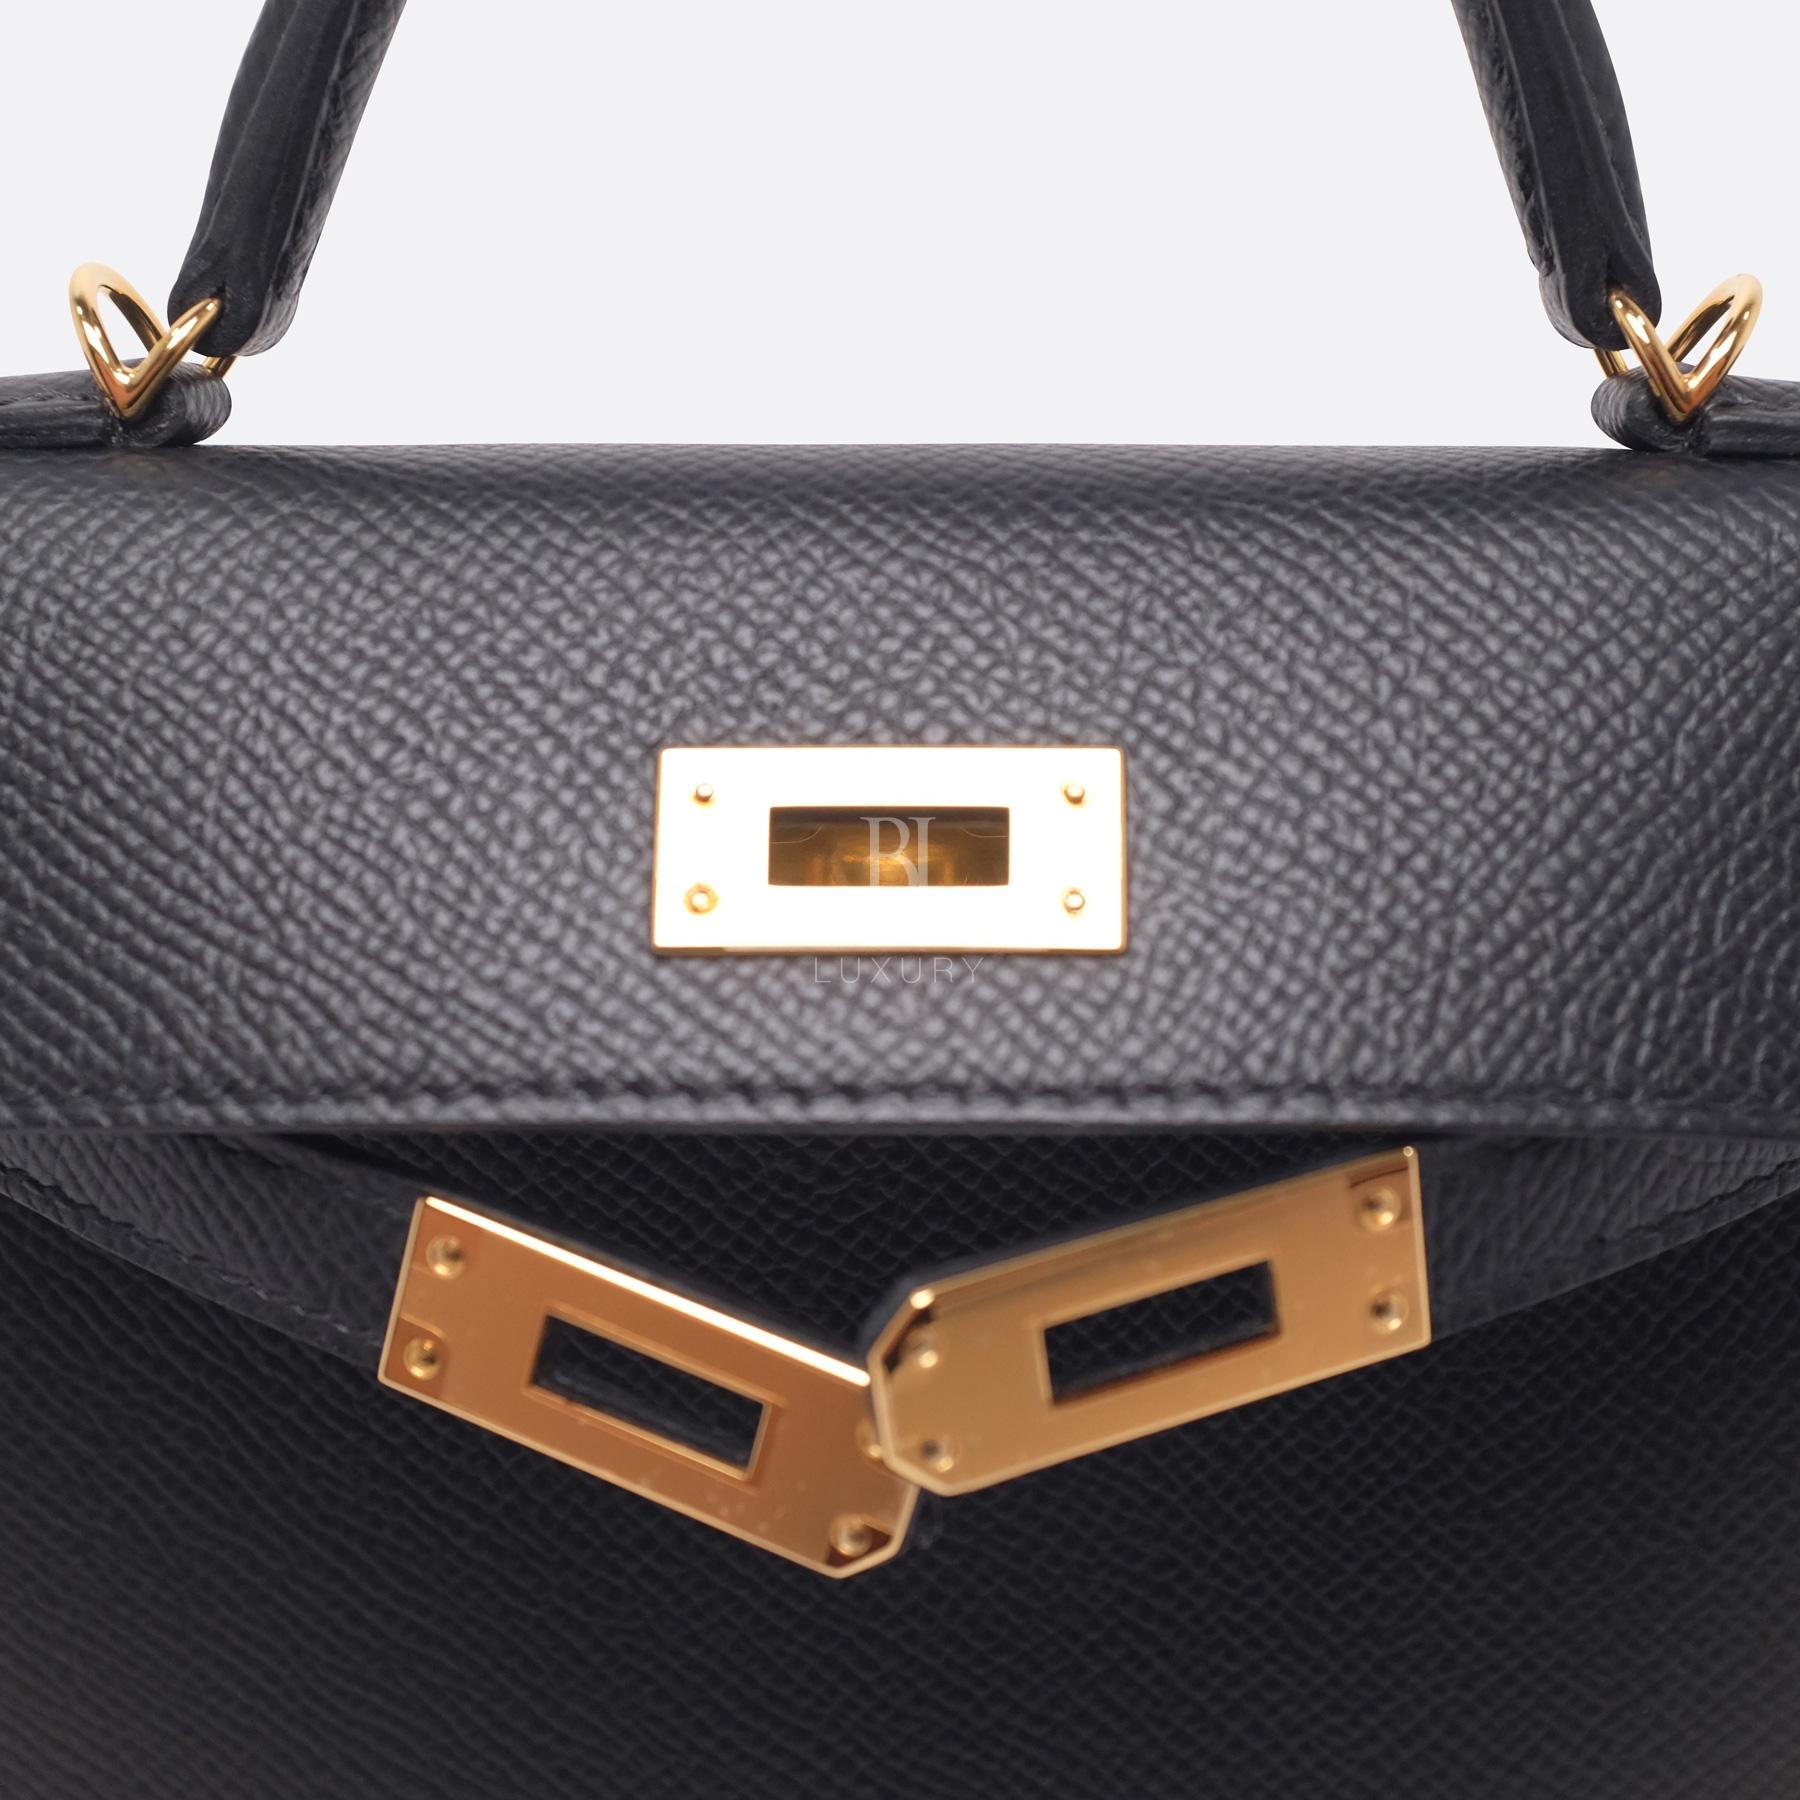 Hermes Kelly Sellier 20 Black Gold Hardware Epsom 14 BJ Luxury.jpg